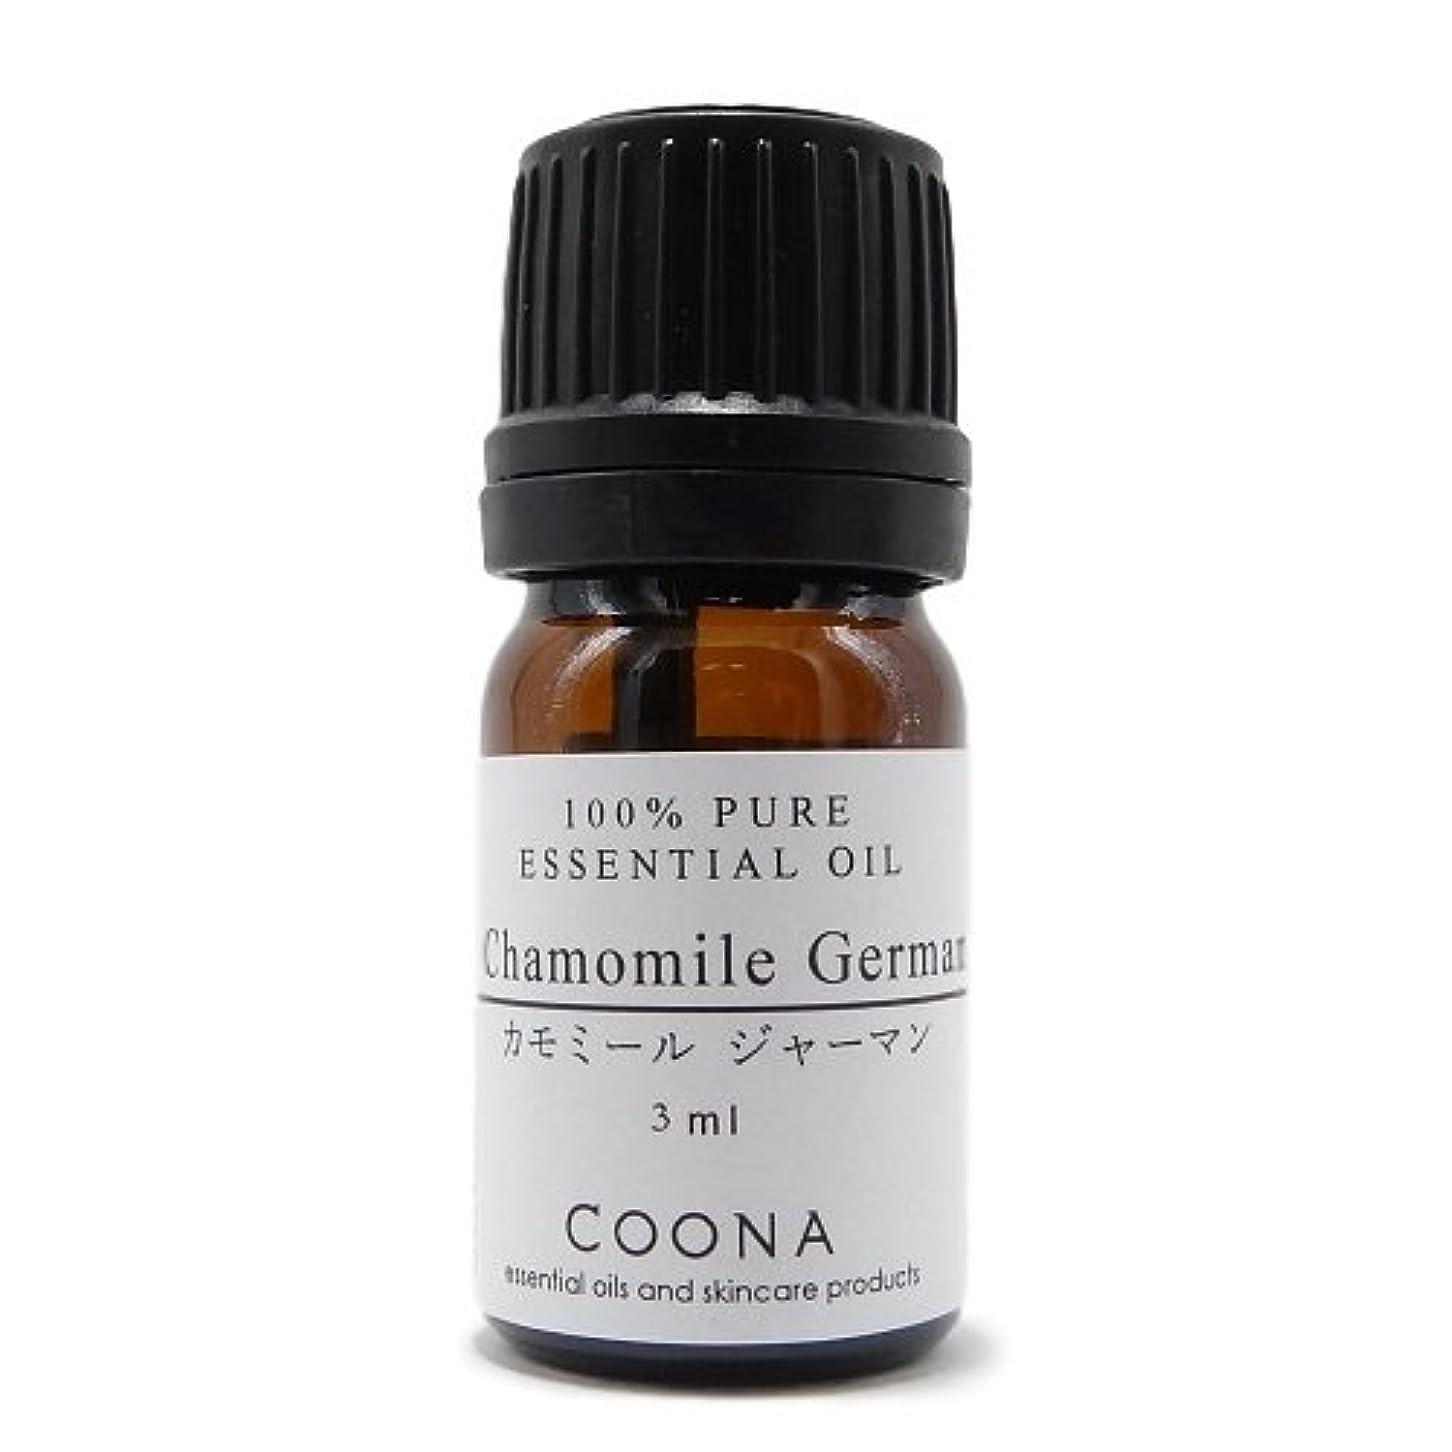 絶対の踏み台協力カモミール ジャーマン 3 ml (COONA エッセンシャルオイル アロマオイル 100% 天然植物精油)